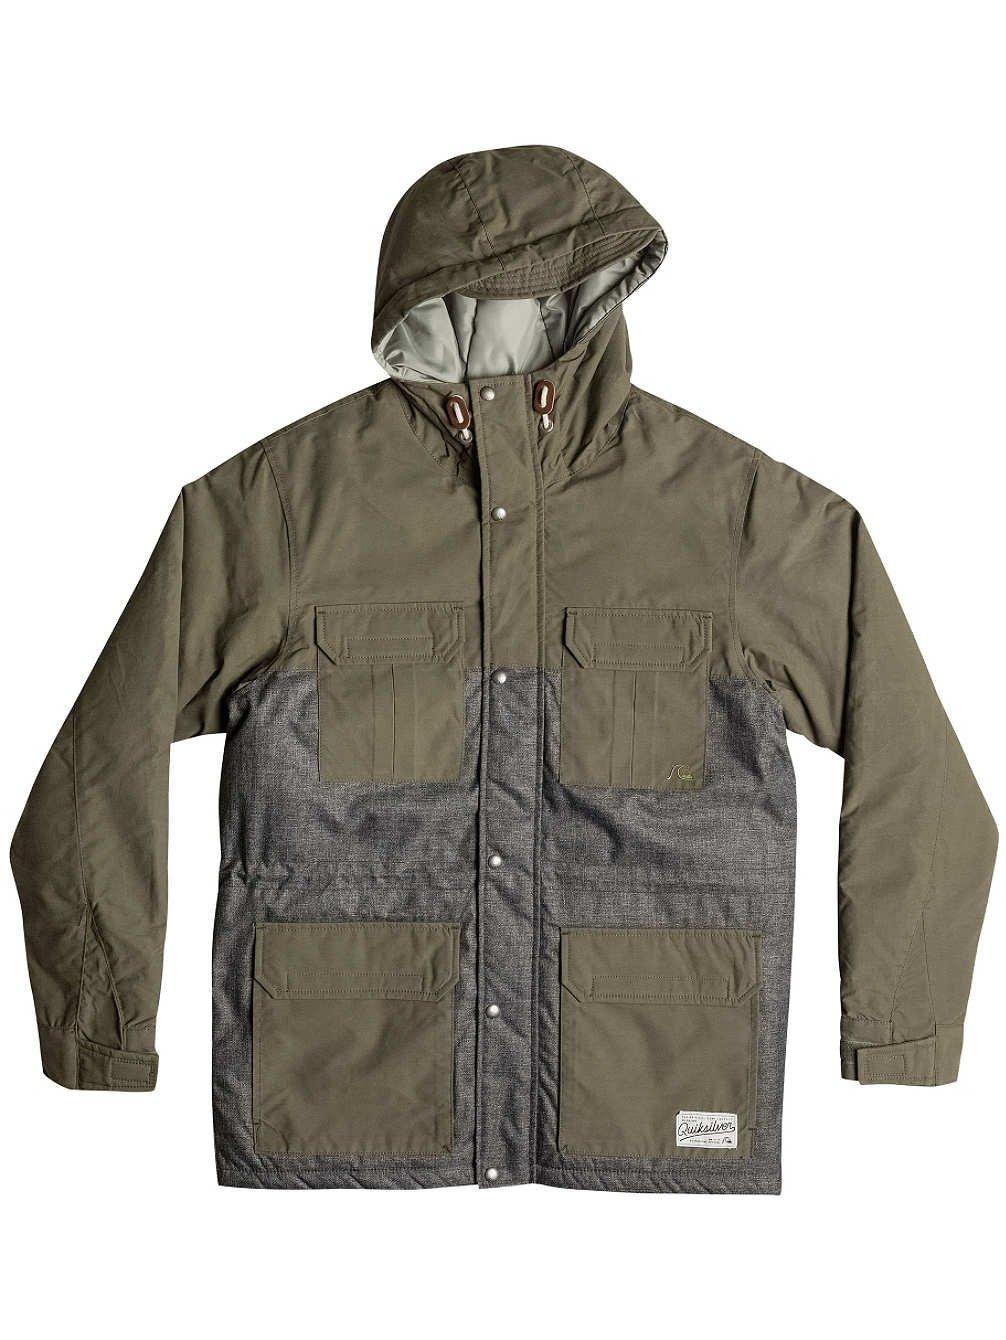 Quiksilver Longbay Wool Jacket – Anthracite günstig kaufen